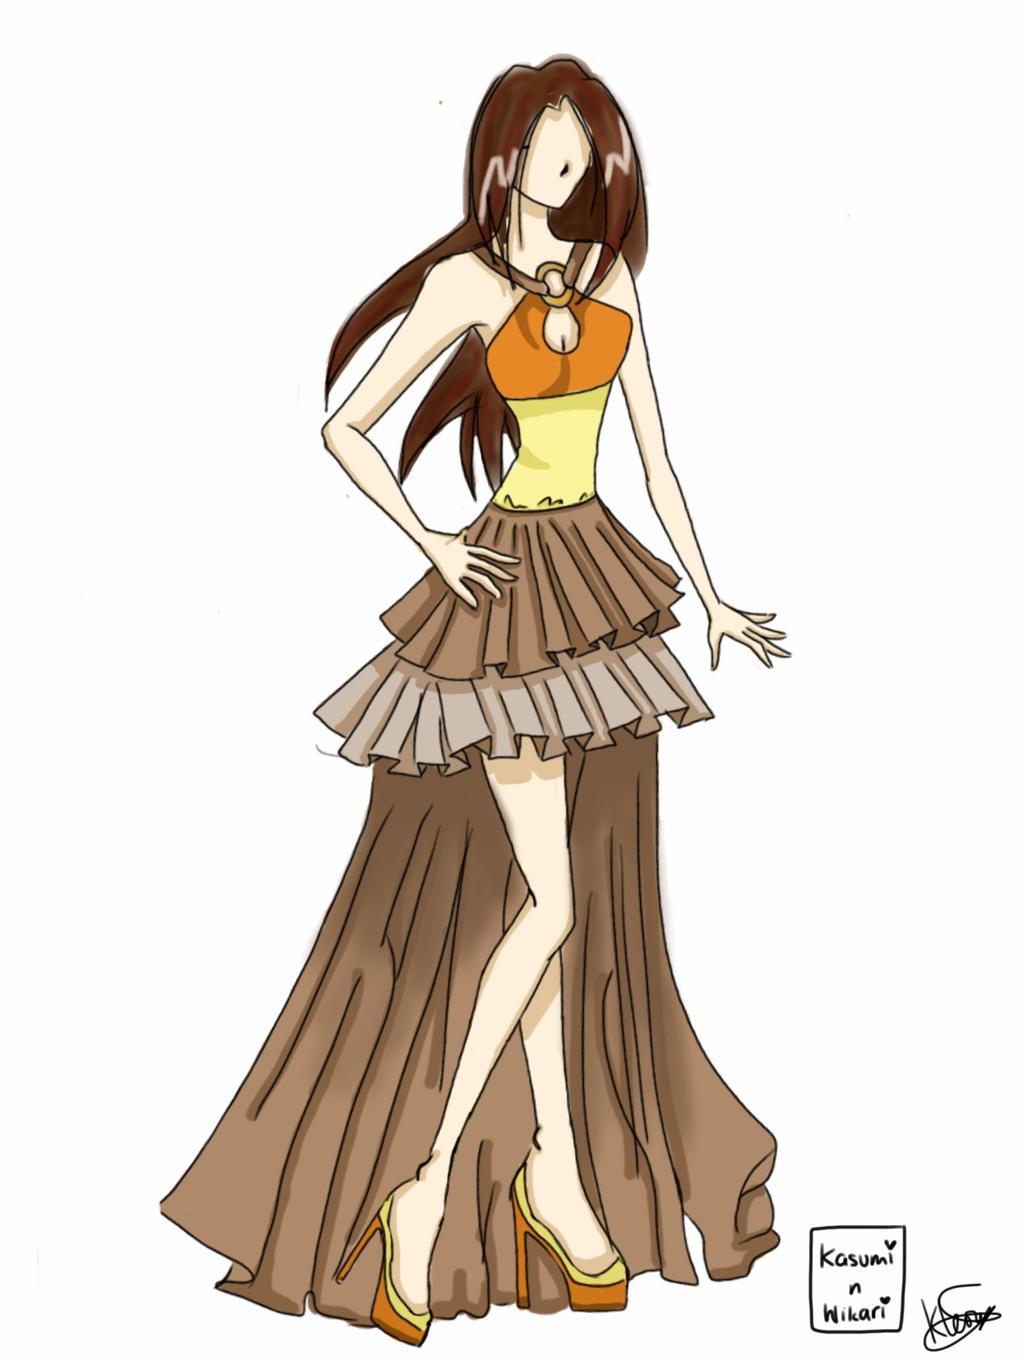 Design 1 by kasumi-n-hikari